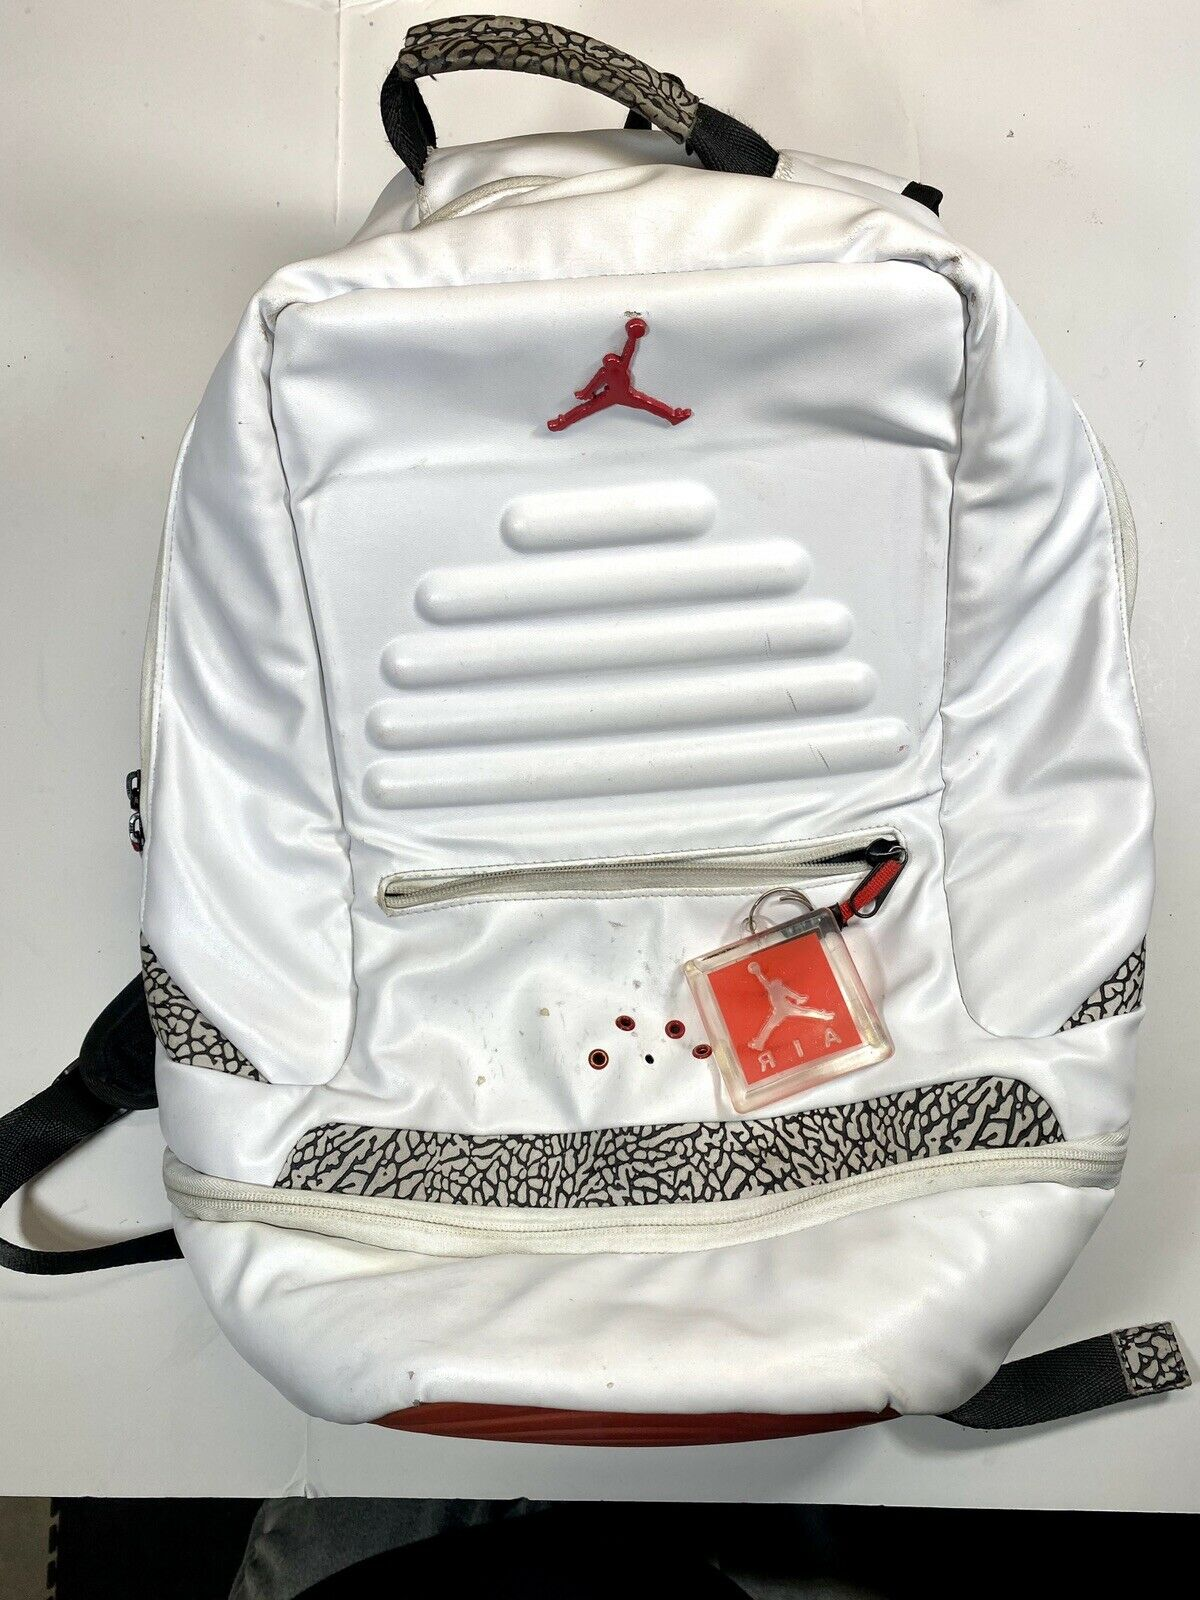 Nike Air Jordan 3 III Retro White